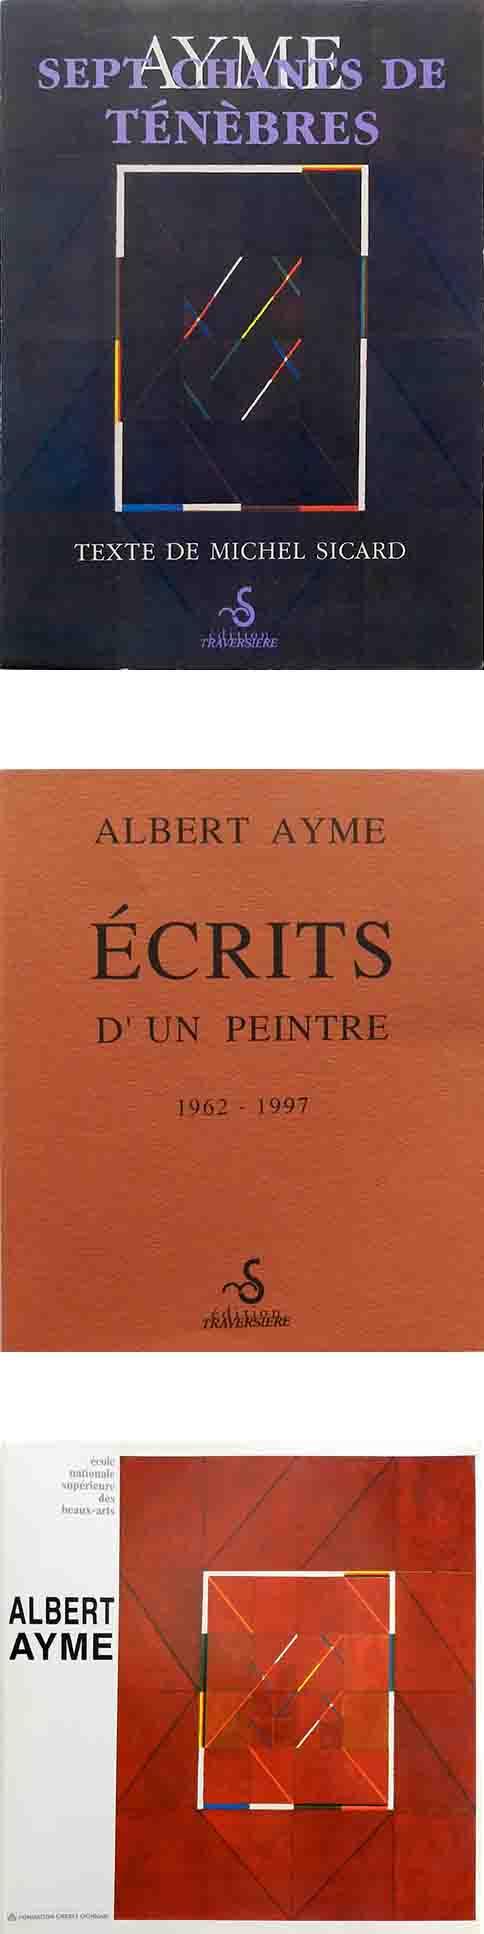 ALBERT AYME - 7 CHANTS DE TÉNÈBRES